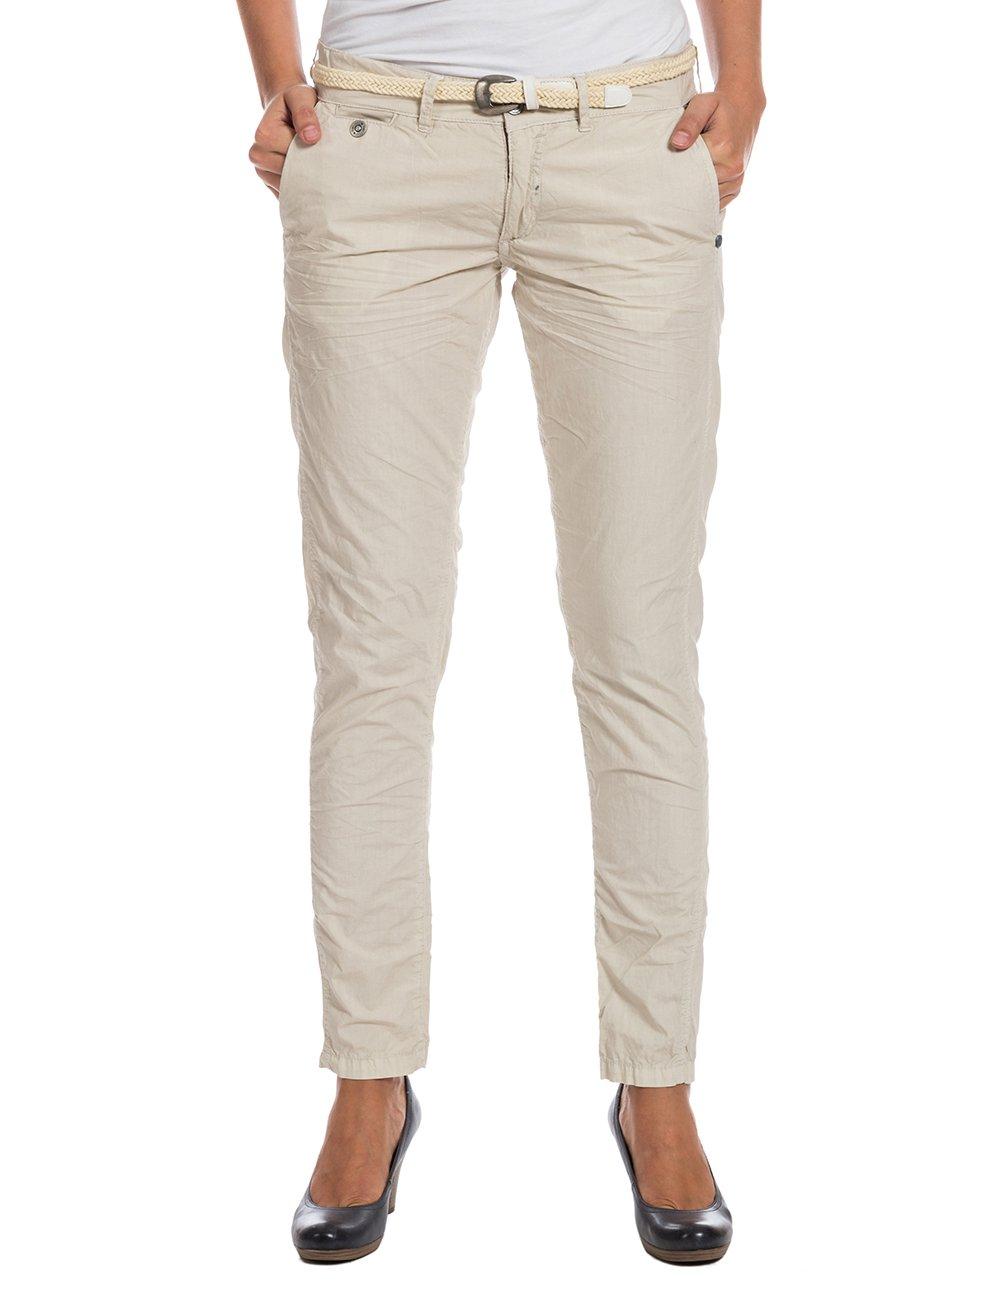 Womens Pantalon Mode Lucytz Pantalon Fuseau Horaire jf6fQdT7